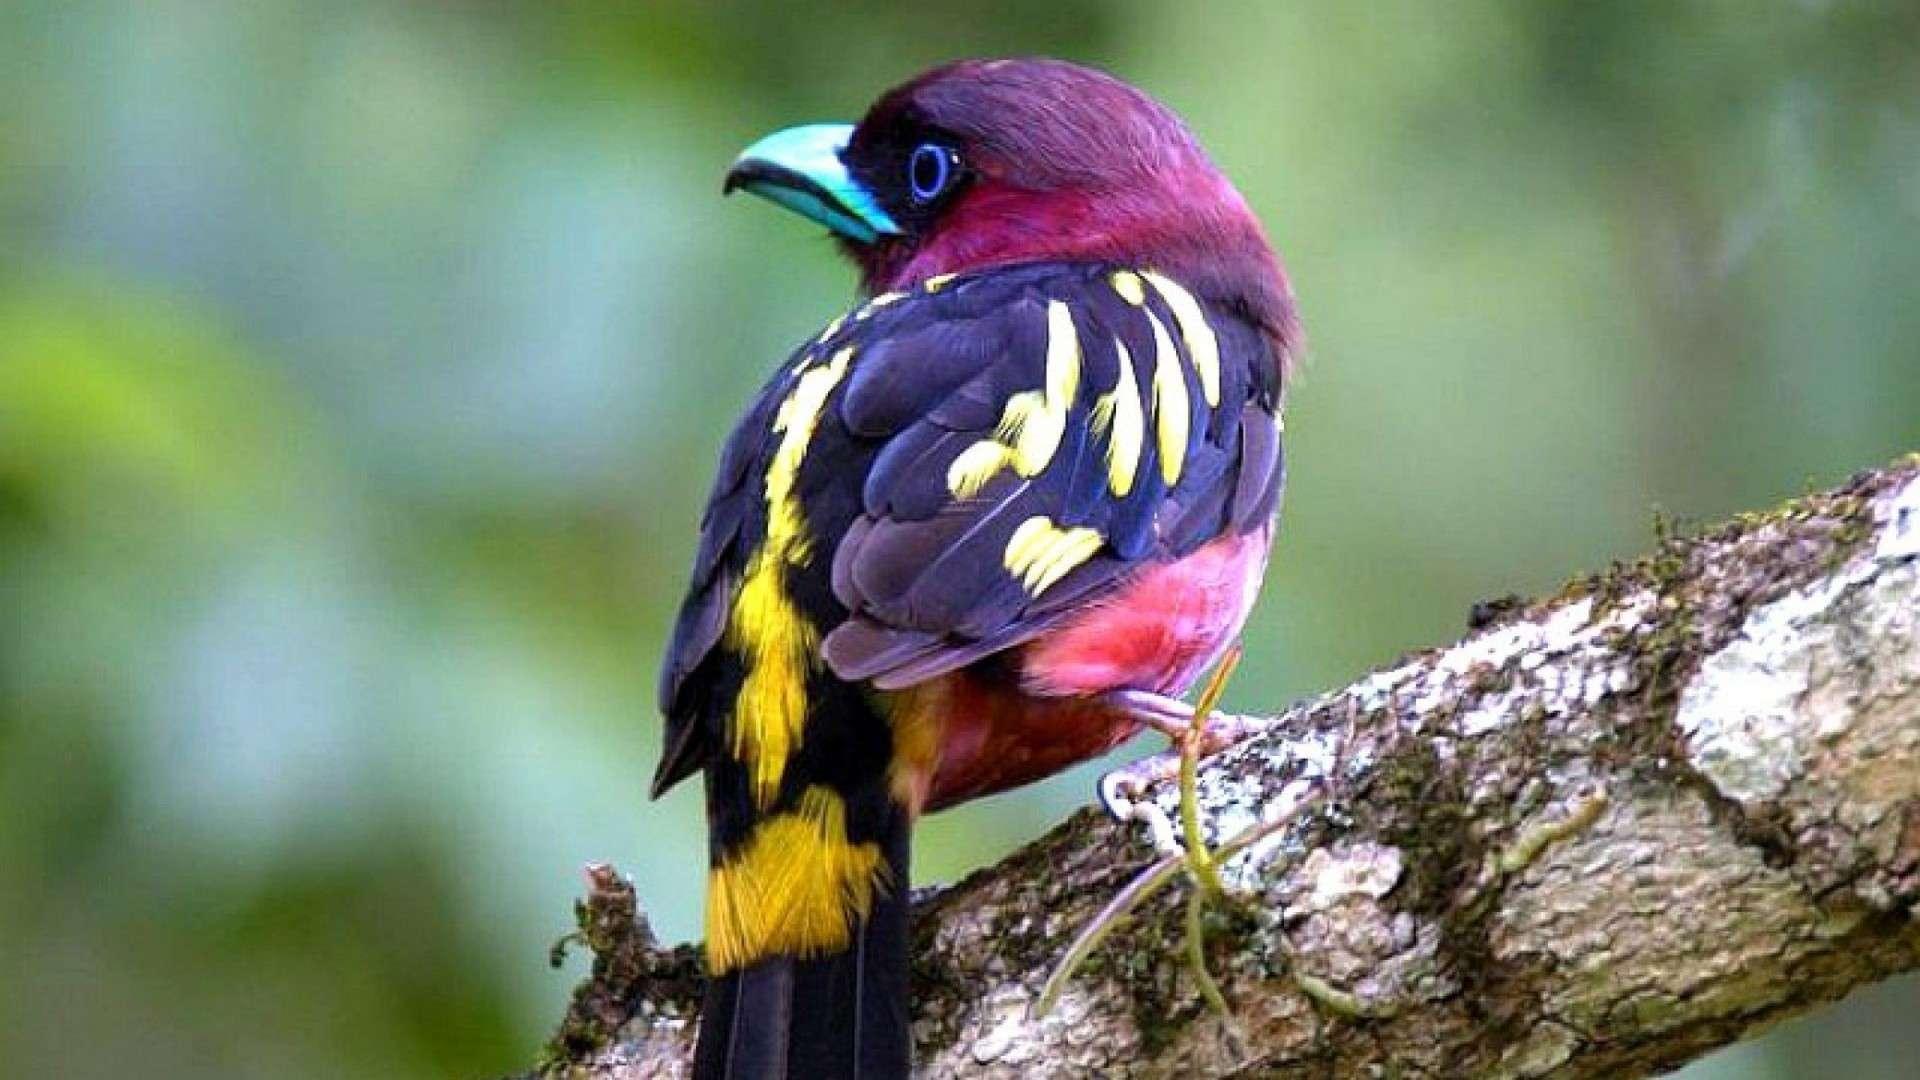 بالصور اجمل كناري في العالم , عصافير الكناريا 1220 2